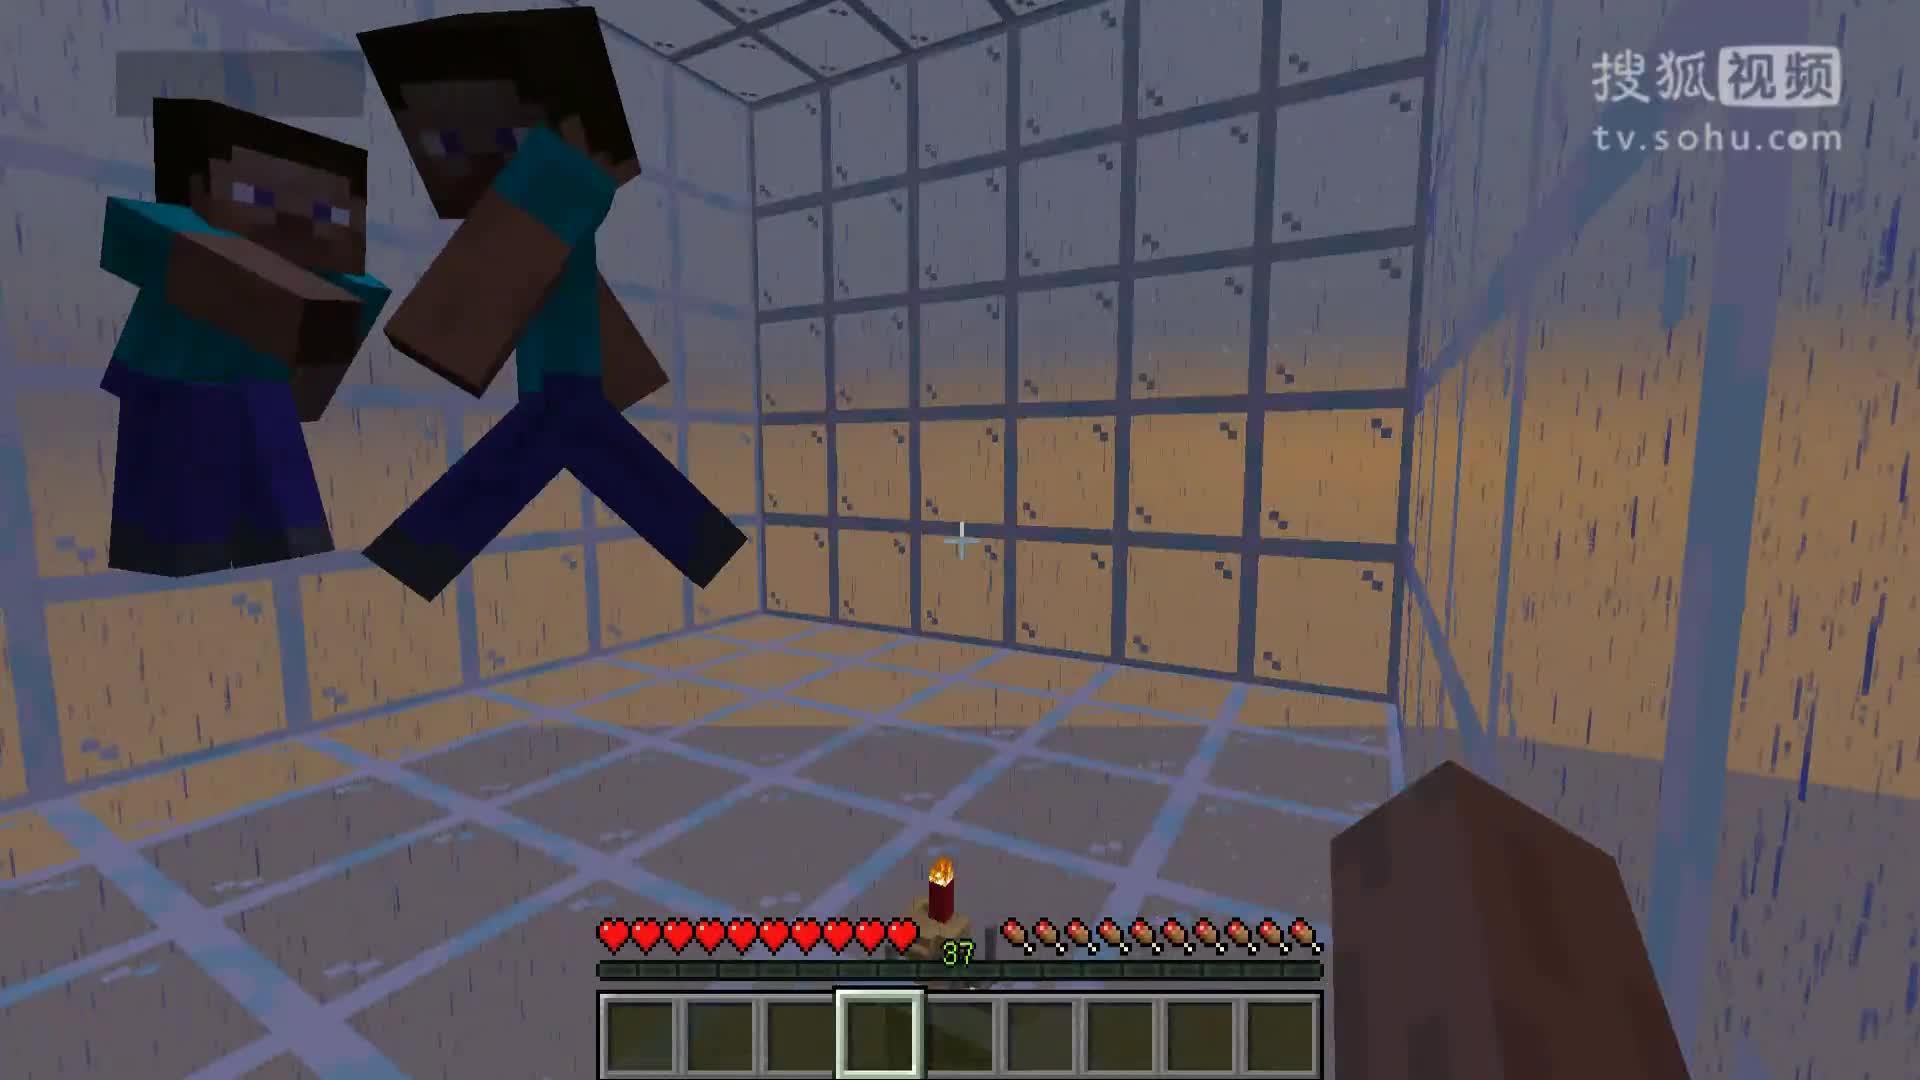 《我的世界》中文版是一款带有生存冒险元素的建造类游戏。整个游戏世界由各种方块构成,玩家可以破坏它们,也可以用自己的方块随意建造东西。为了在游戏里生存和发展,玩家需要通过伐木、挖矿、捕猎等方式获取资源,并通过合成系统打造武器和工具(这方面和《牧场物语》有些类似)。随.